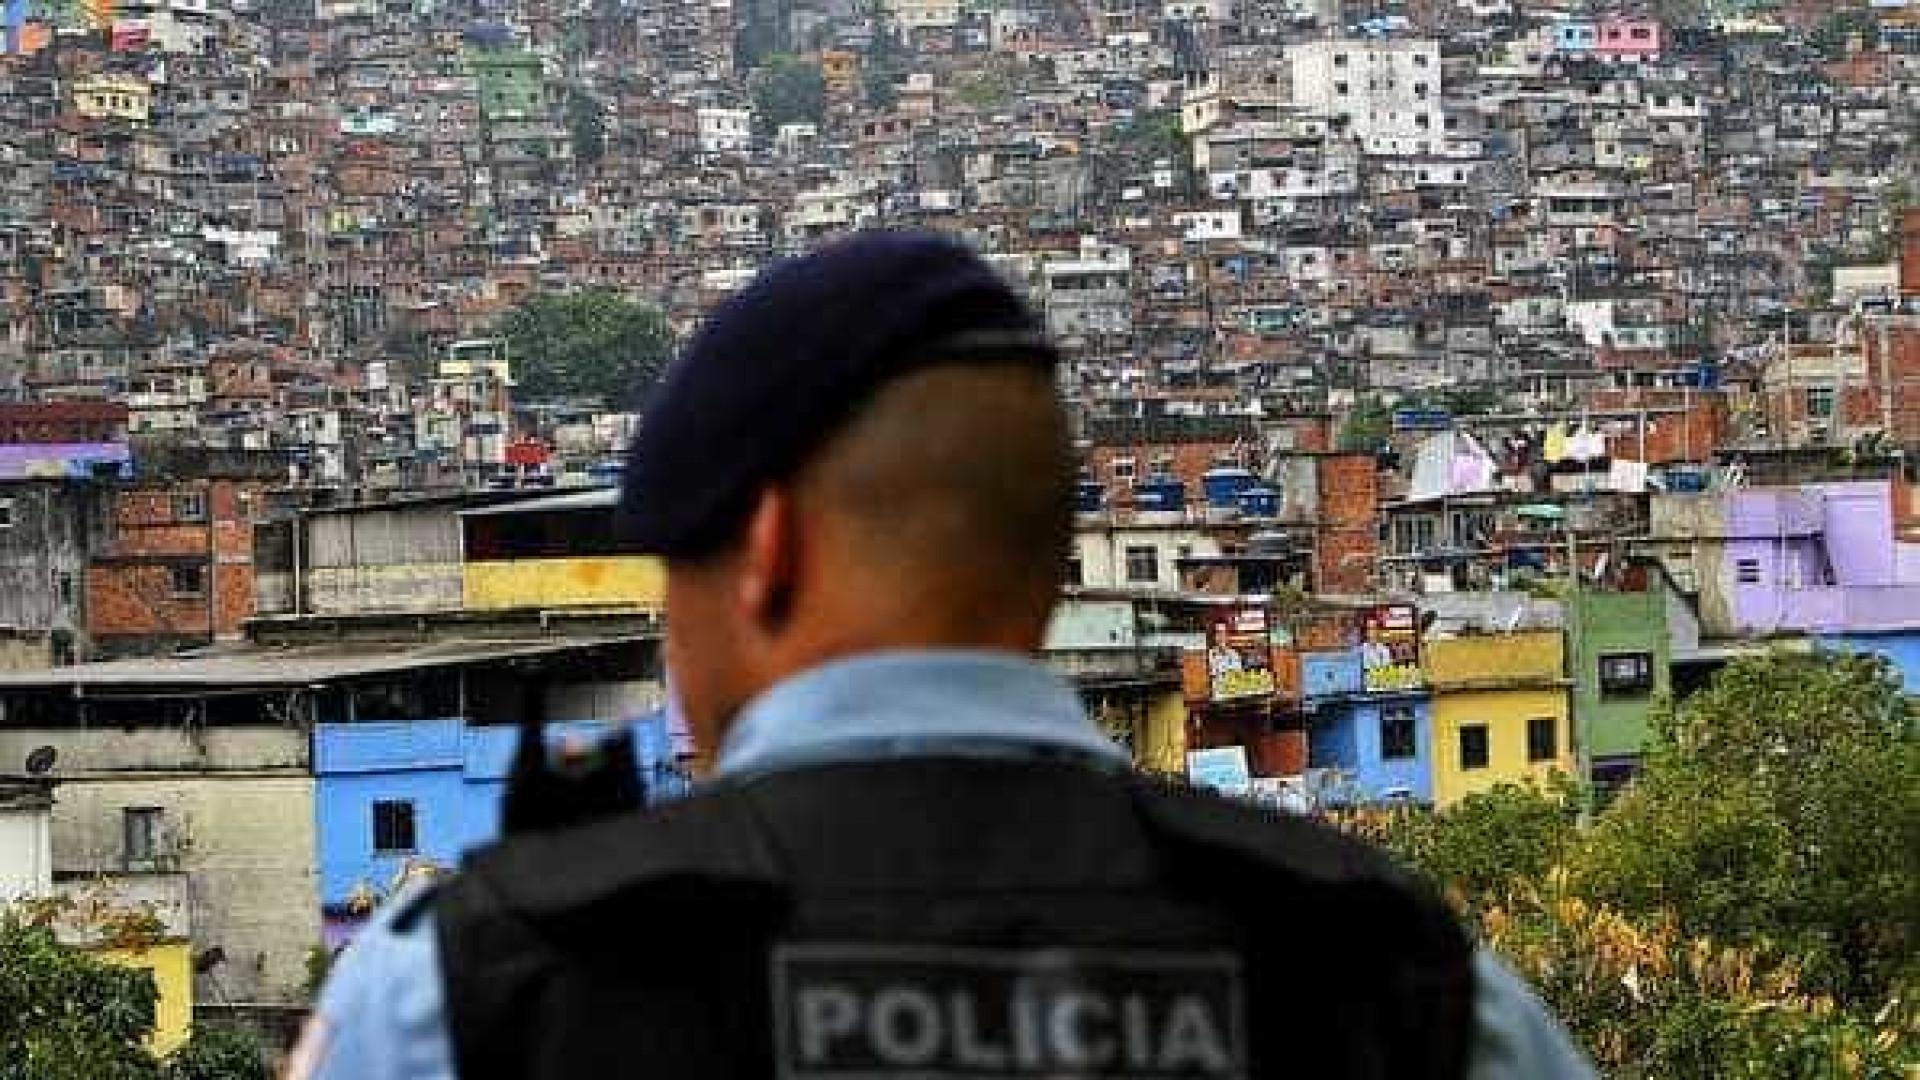 Justiça pede prisão de policiais de UPP acusados de tortura no Rio